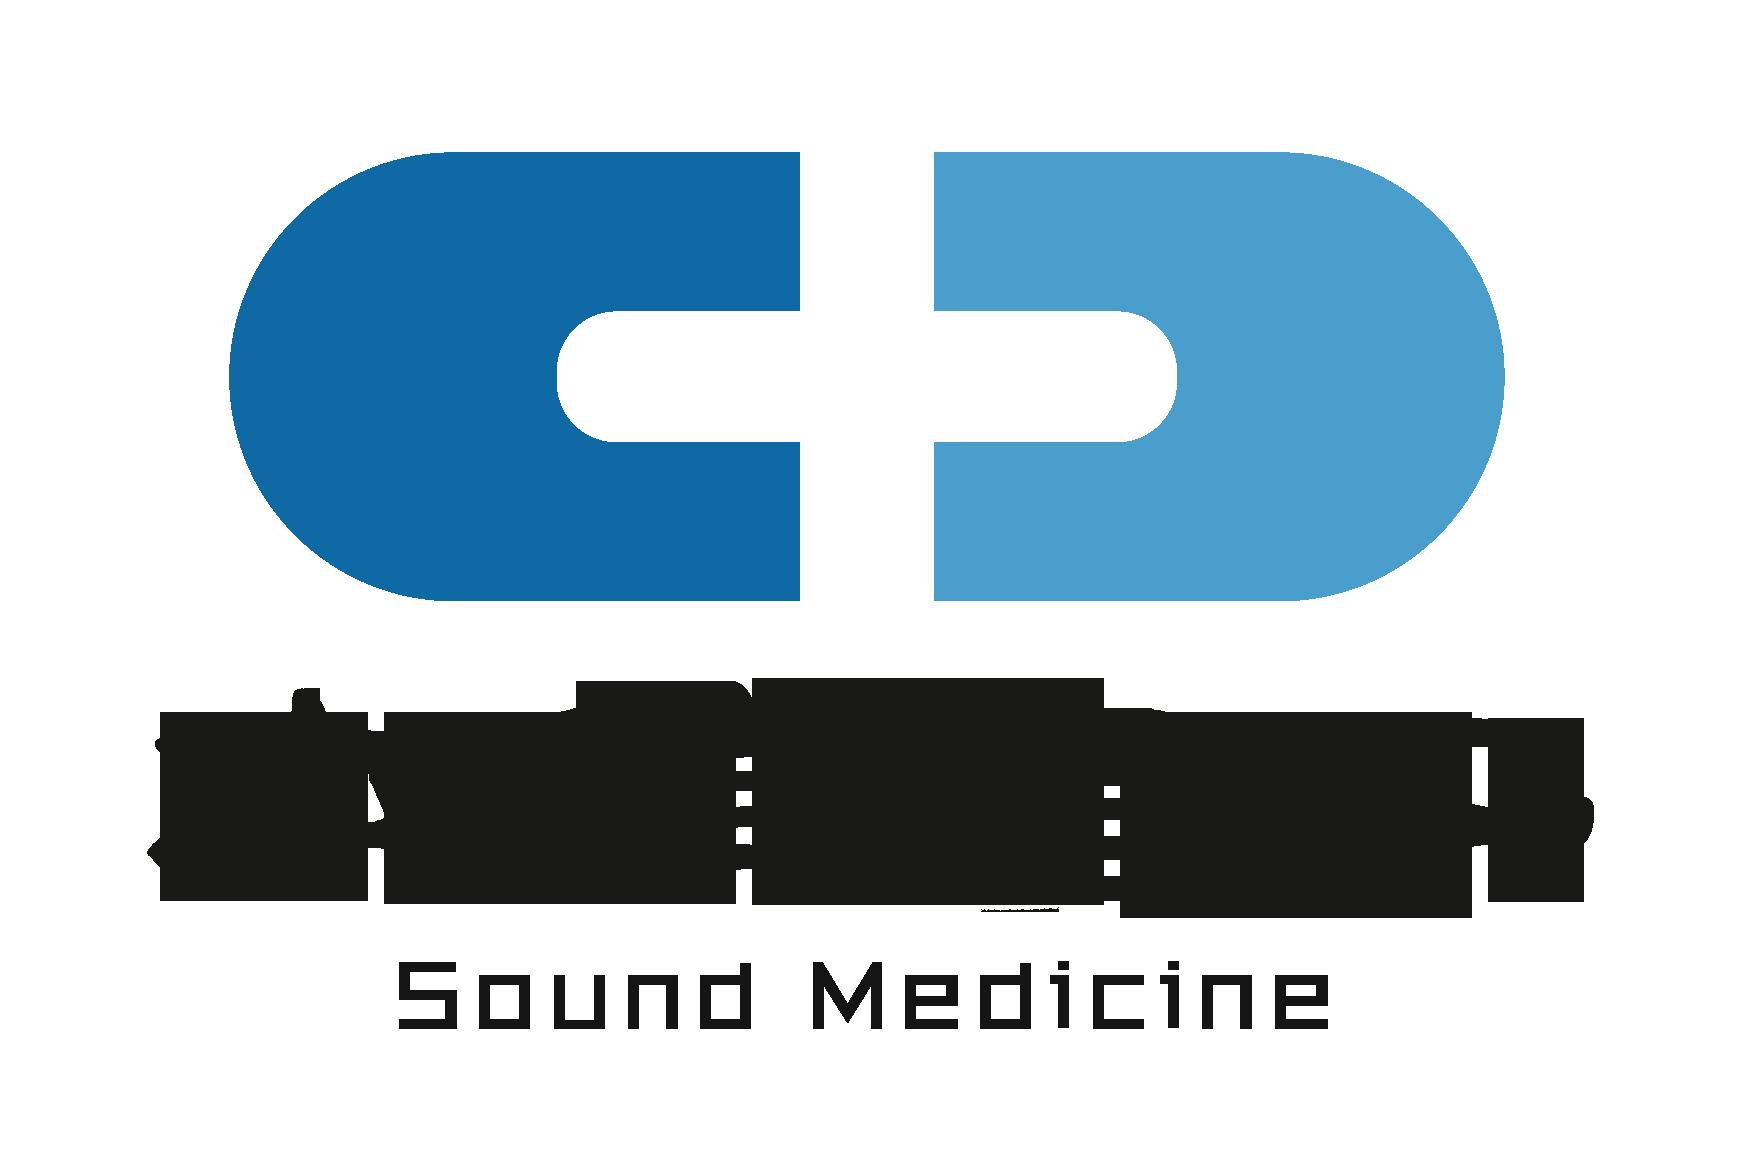 声音复杂的一味药迷人药丨声音疗法